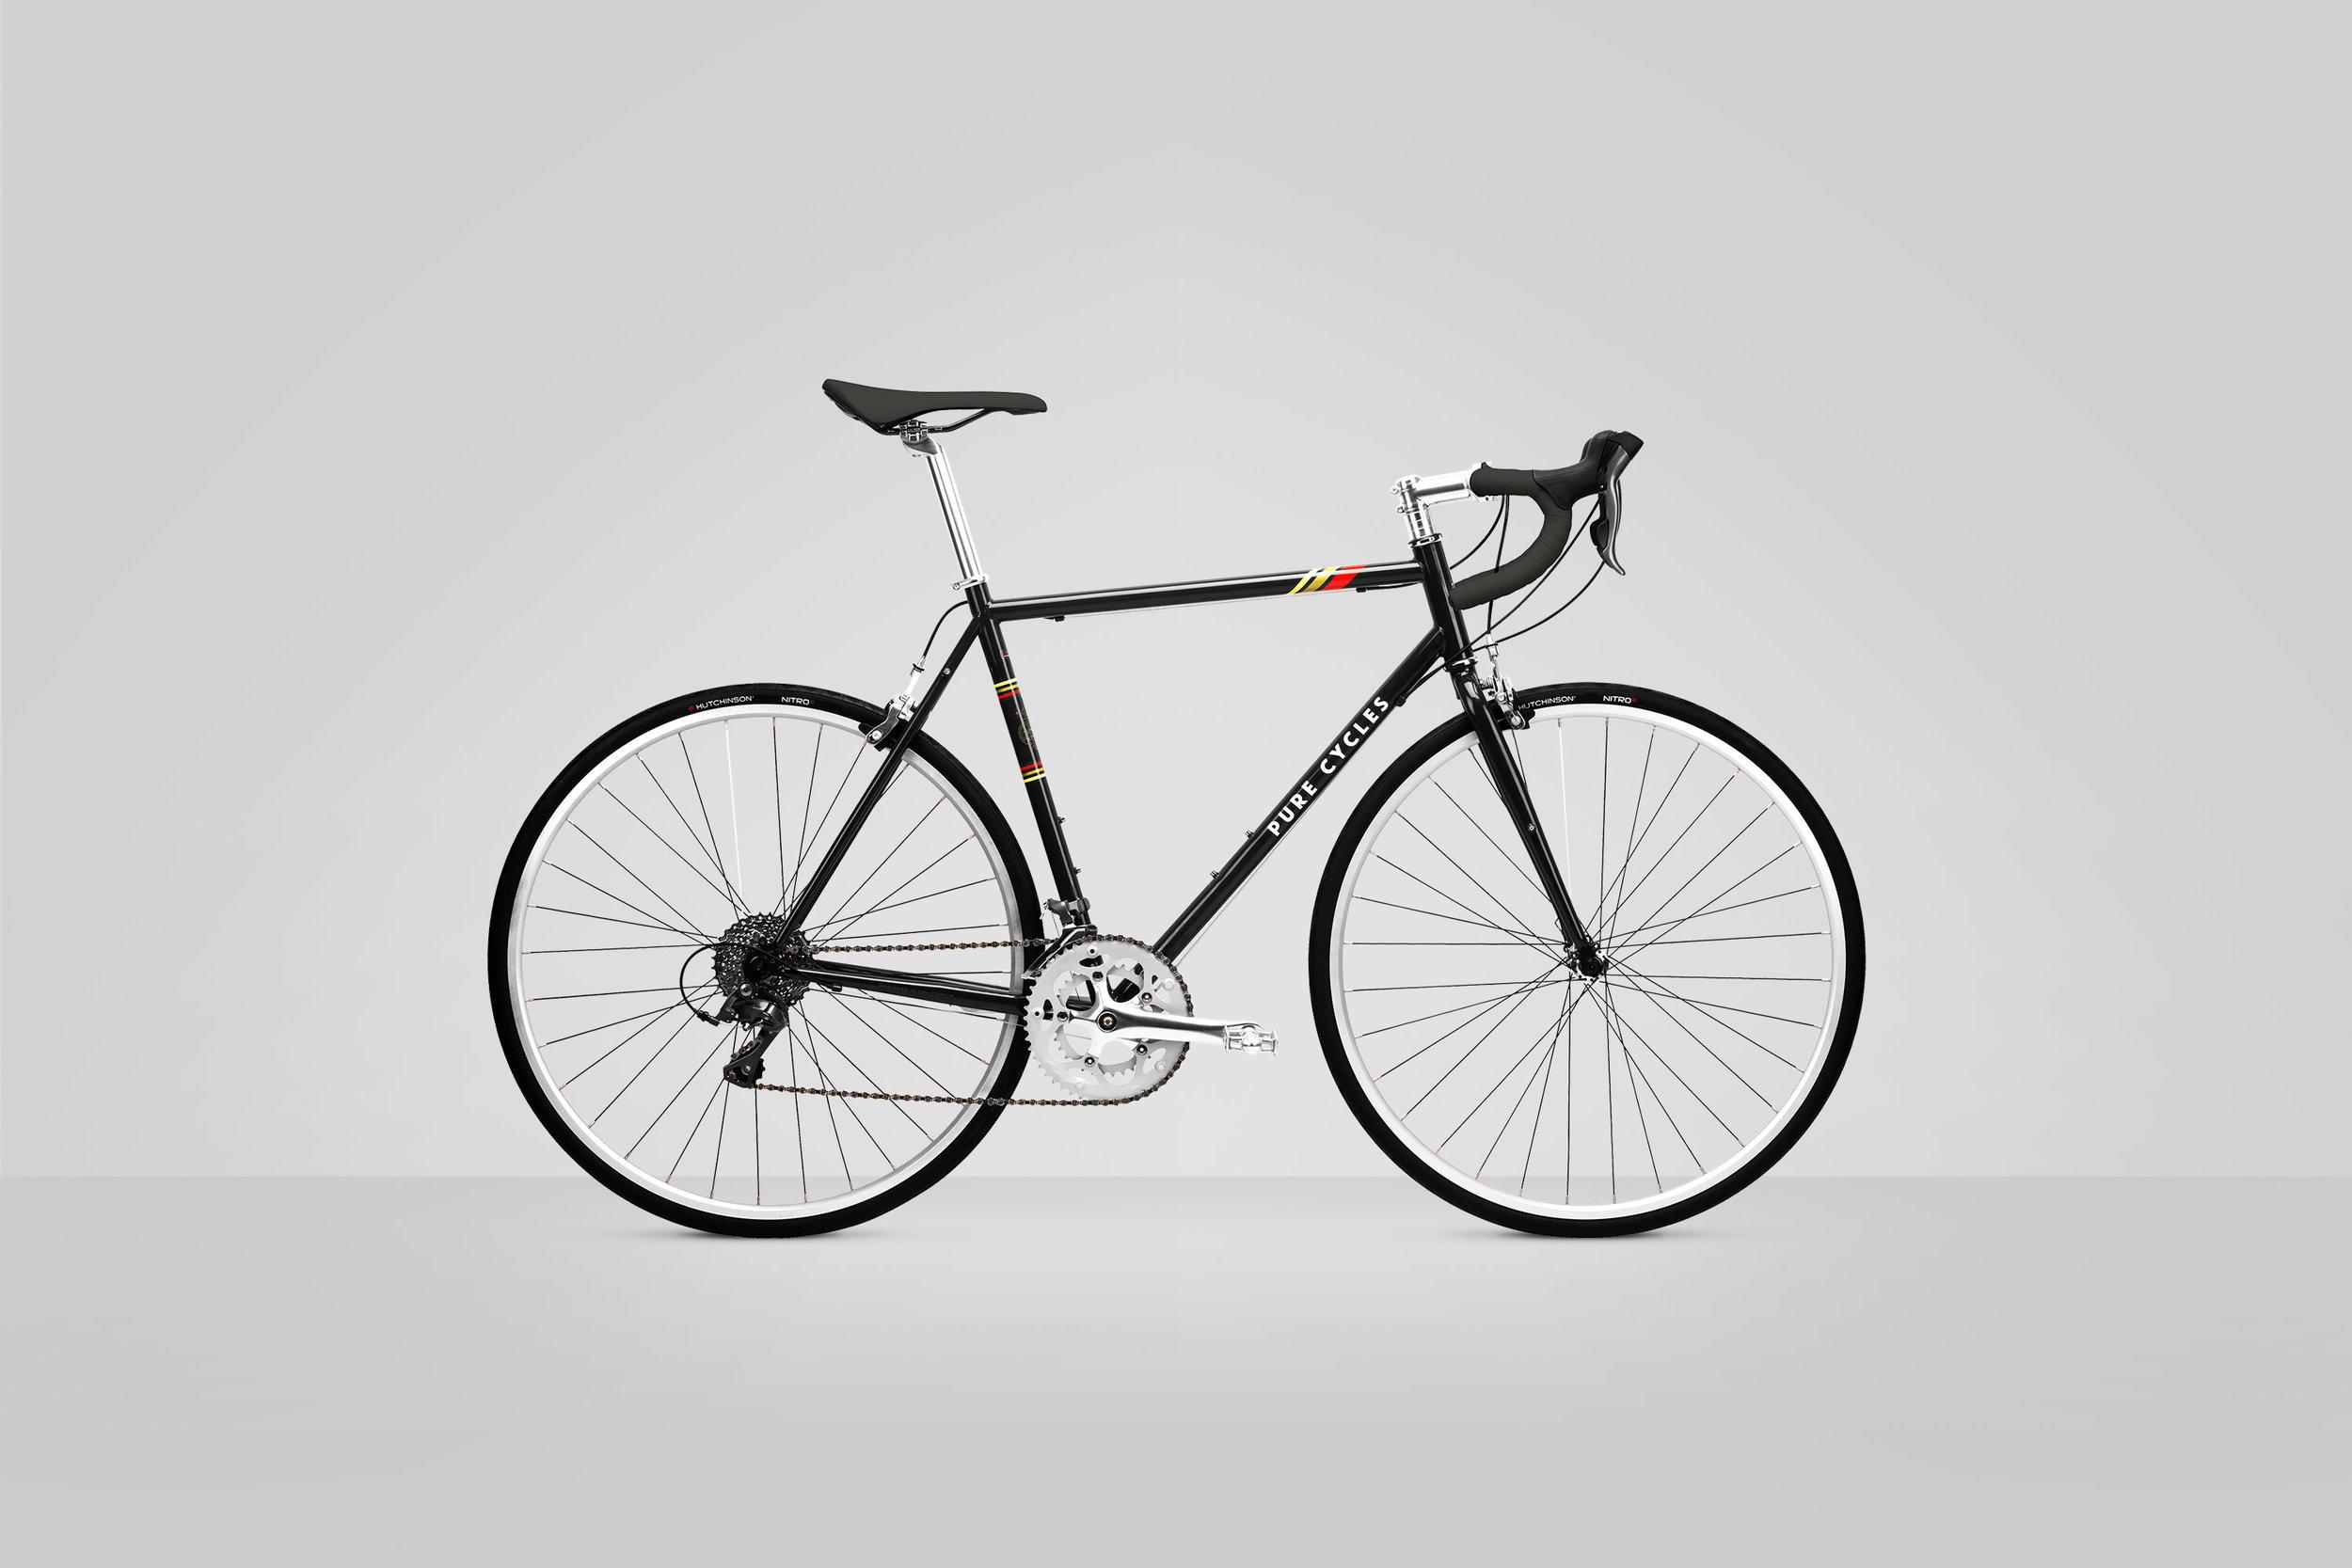 Bike_Valeta_GrayBack_1.jpg